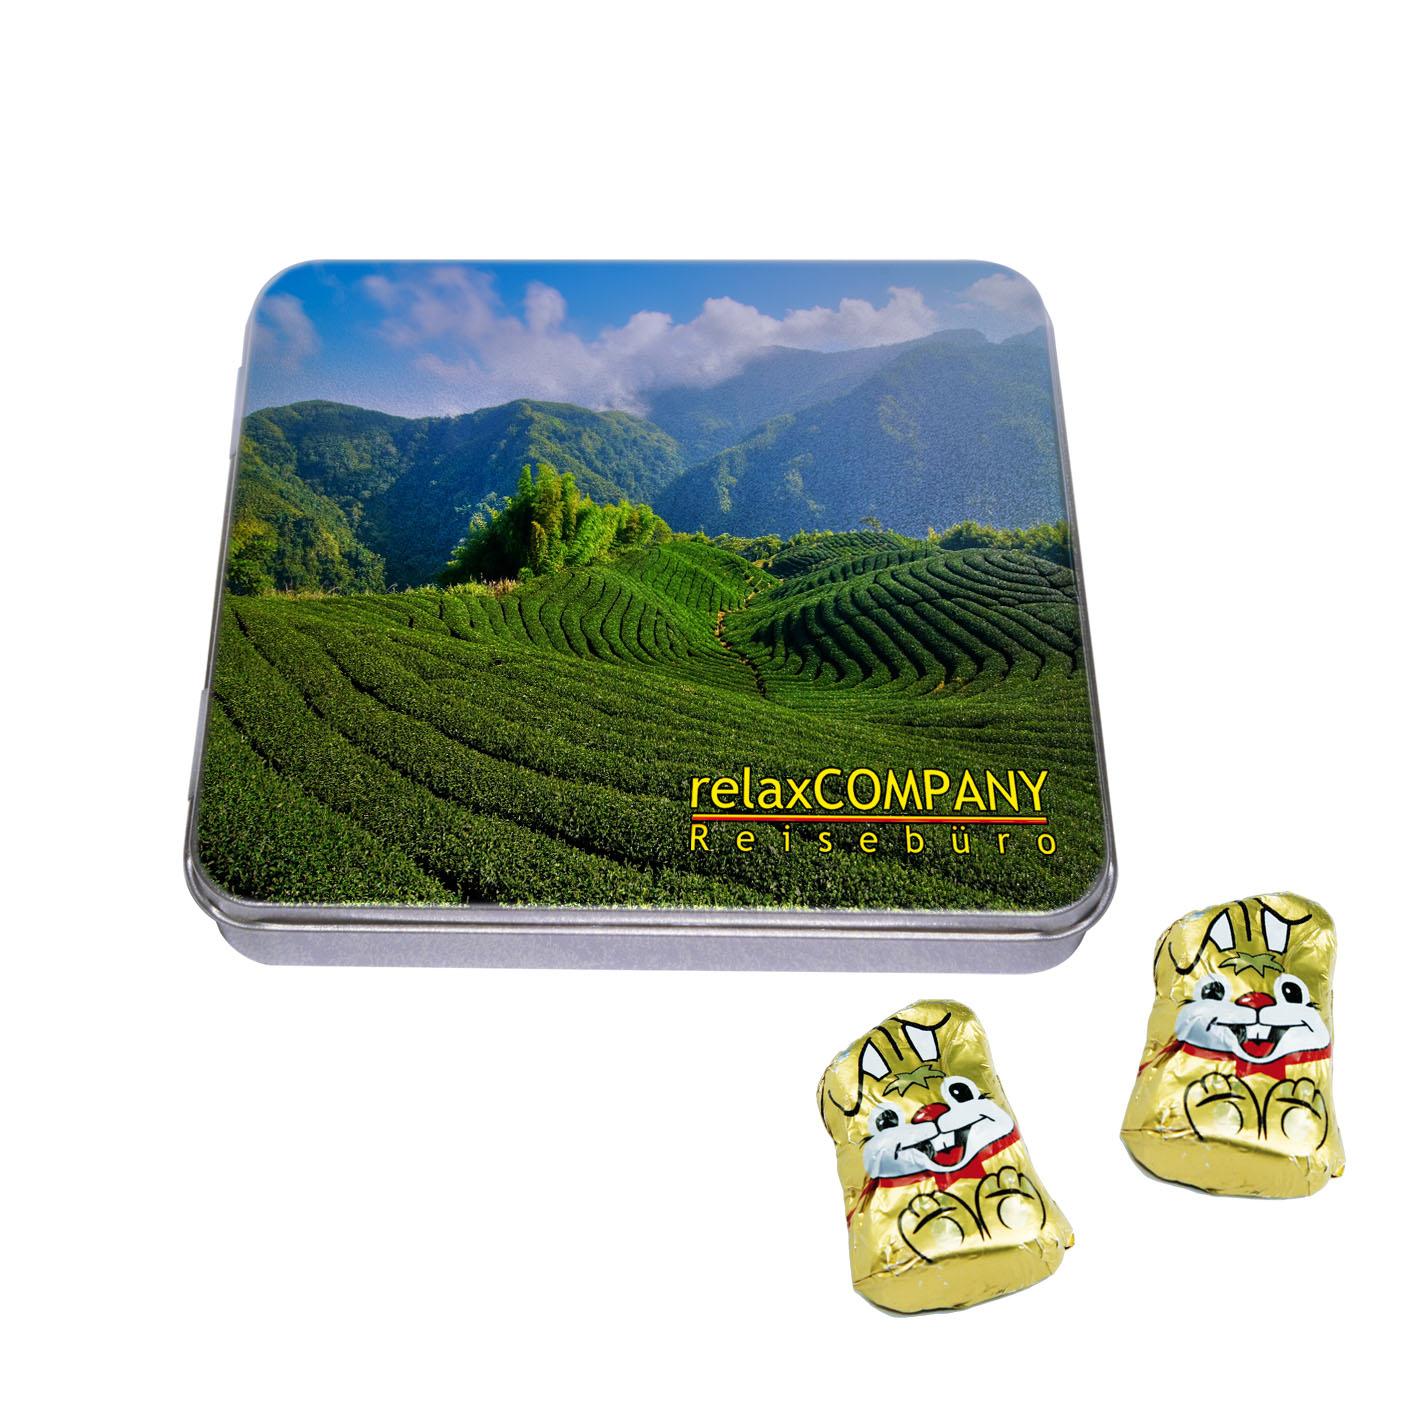 Chocolate in Premium-Box, chocoalte bunnies, 1-col